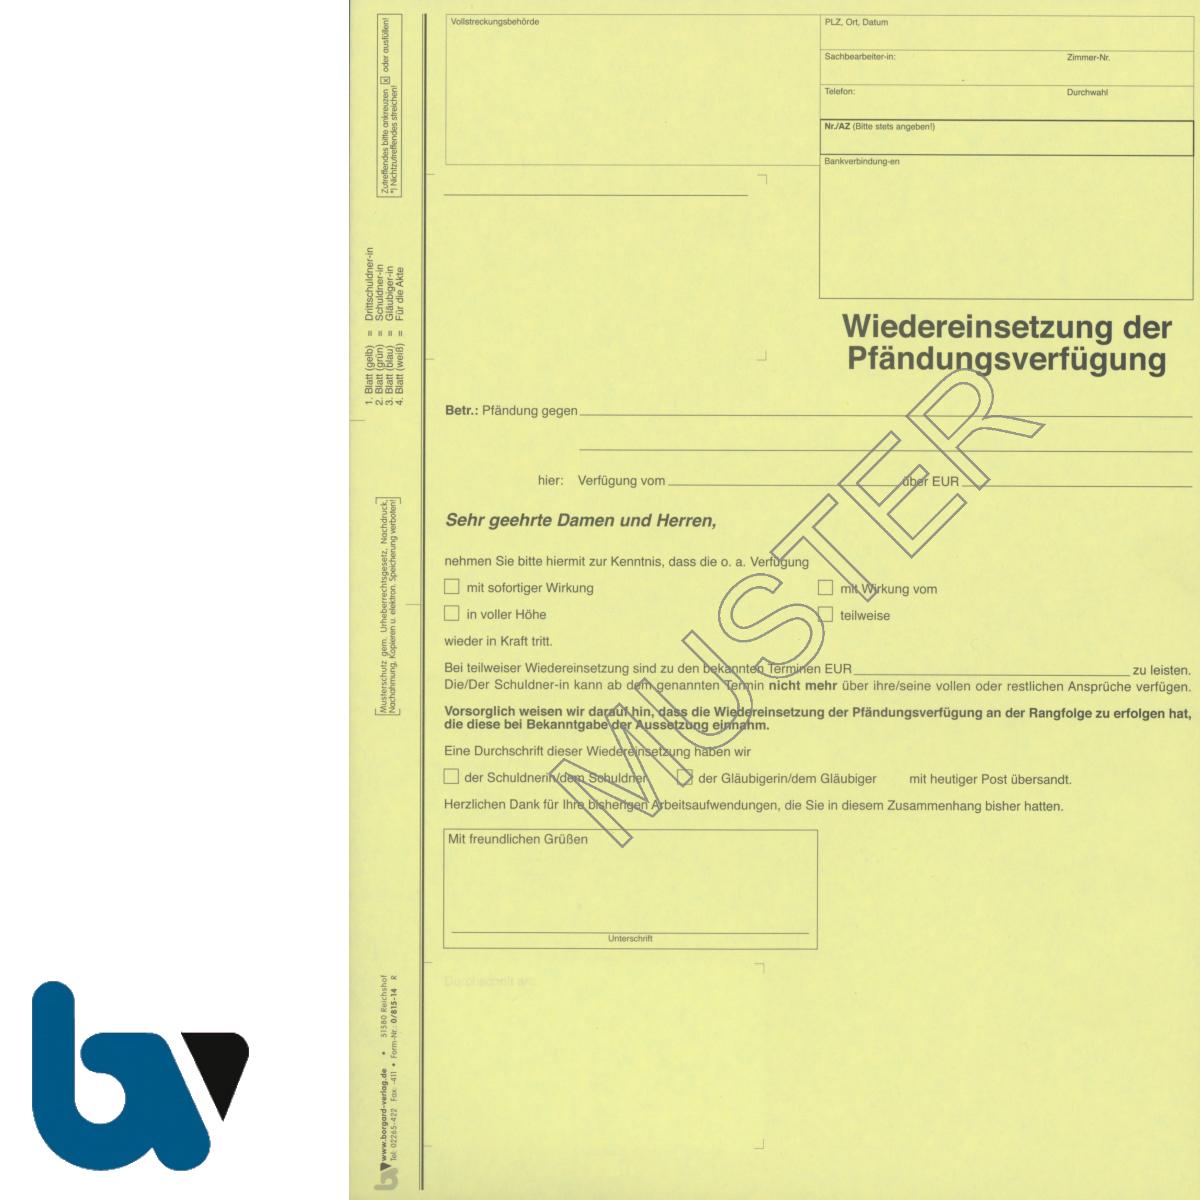 0/815-14 Wiedereinsetzung Pfändungsverfügung 4-fach selbstdurchschreibend DIN A4 | Borgard Verlag GmbH